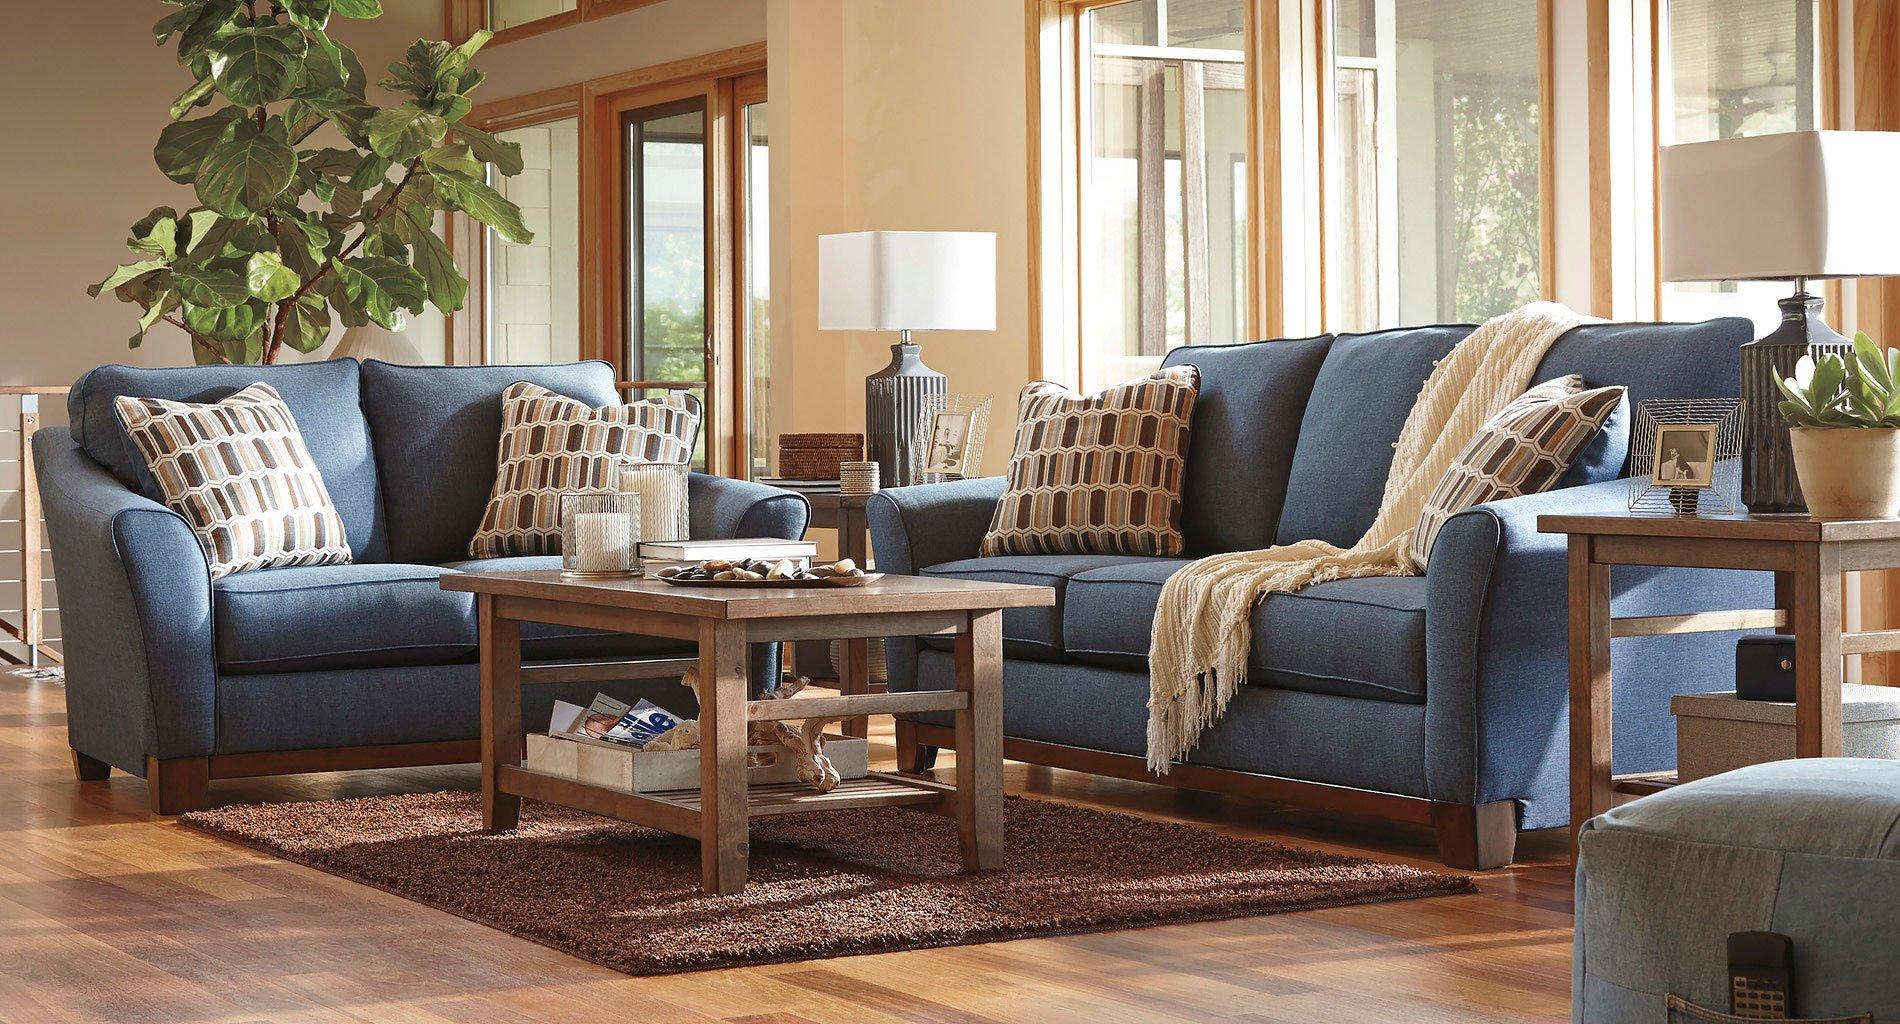 Janley Denim Living Room Set BenchCraft | Furniture Cart